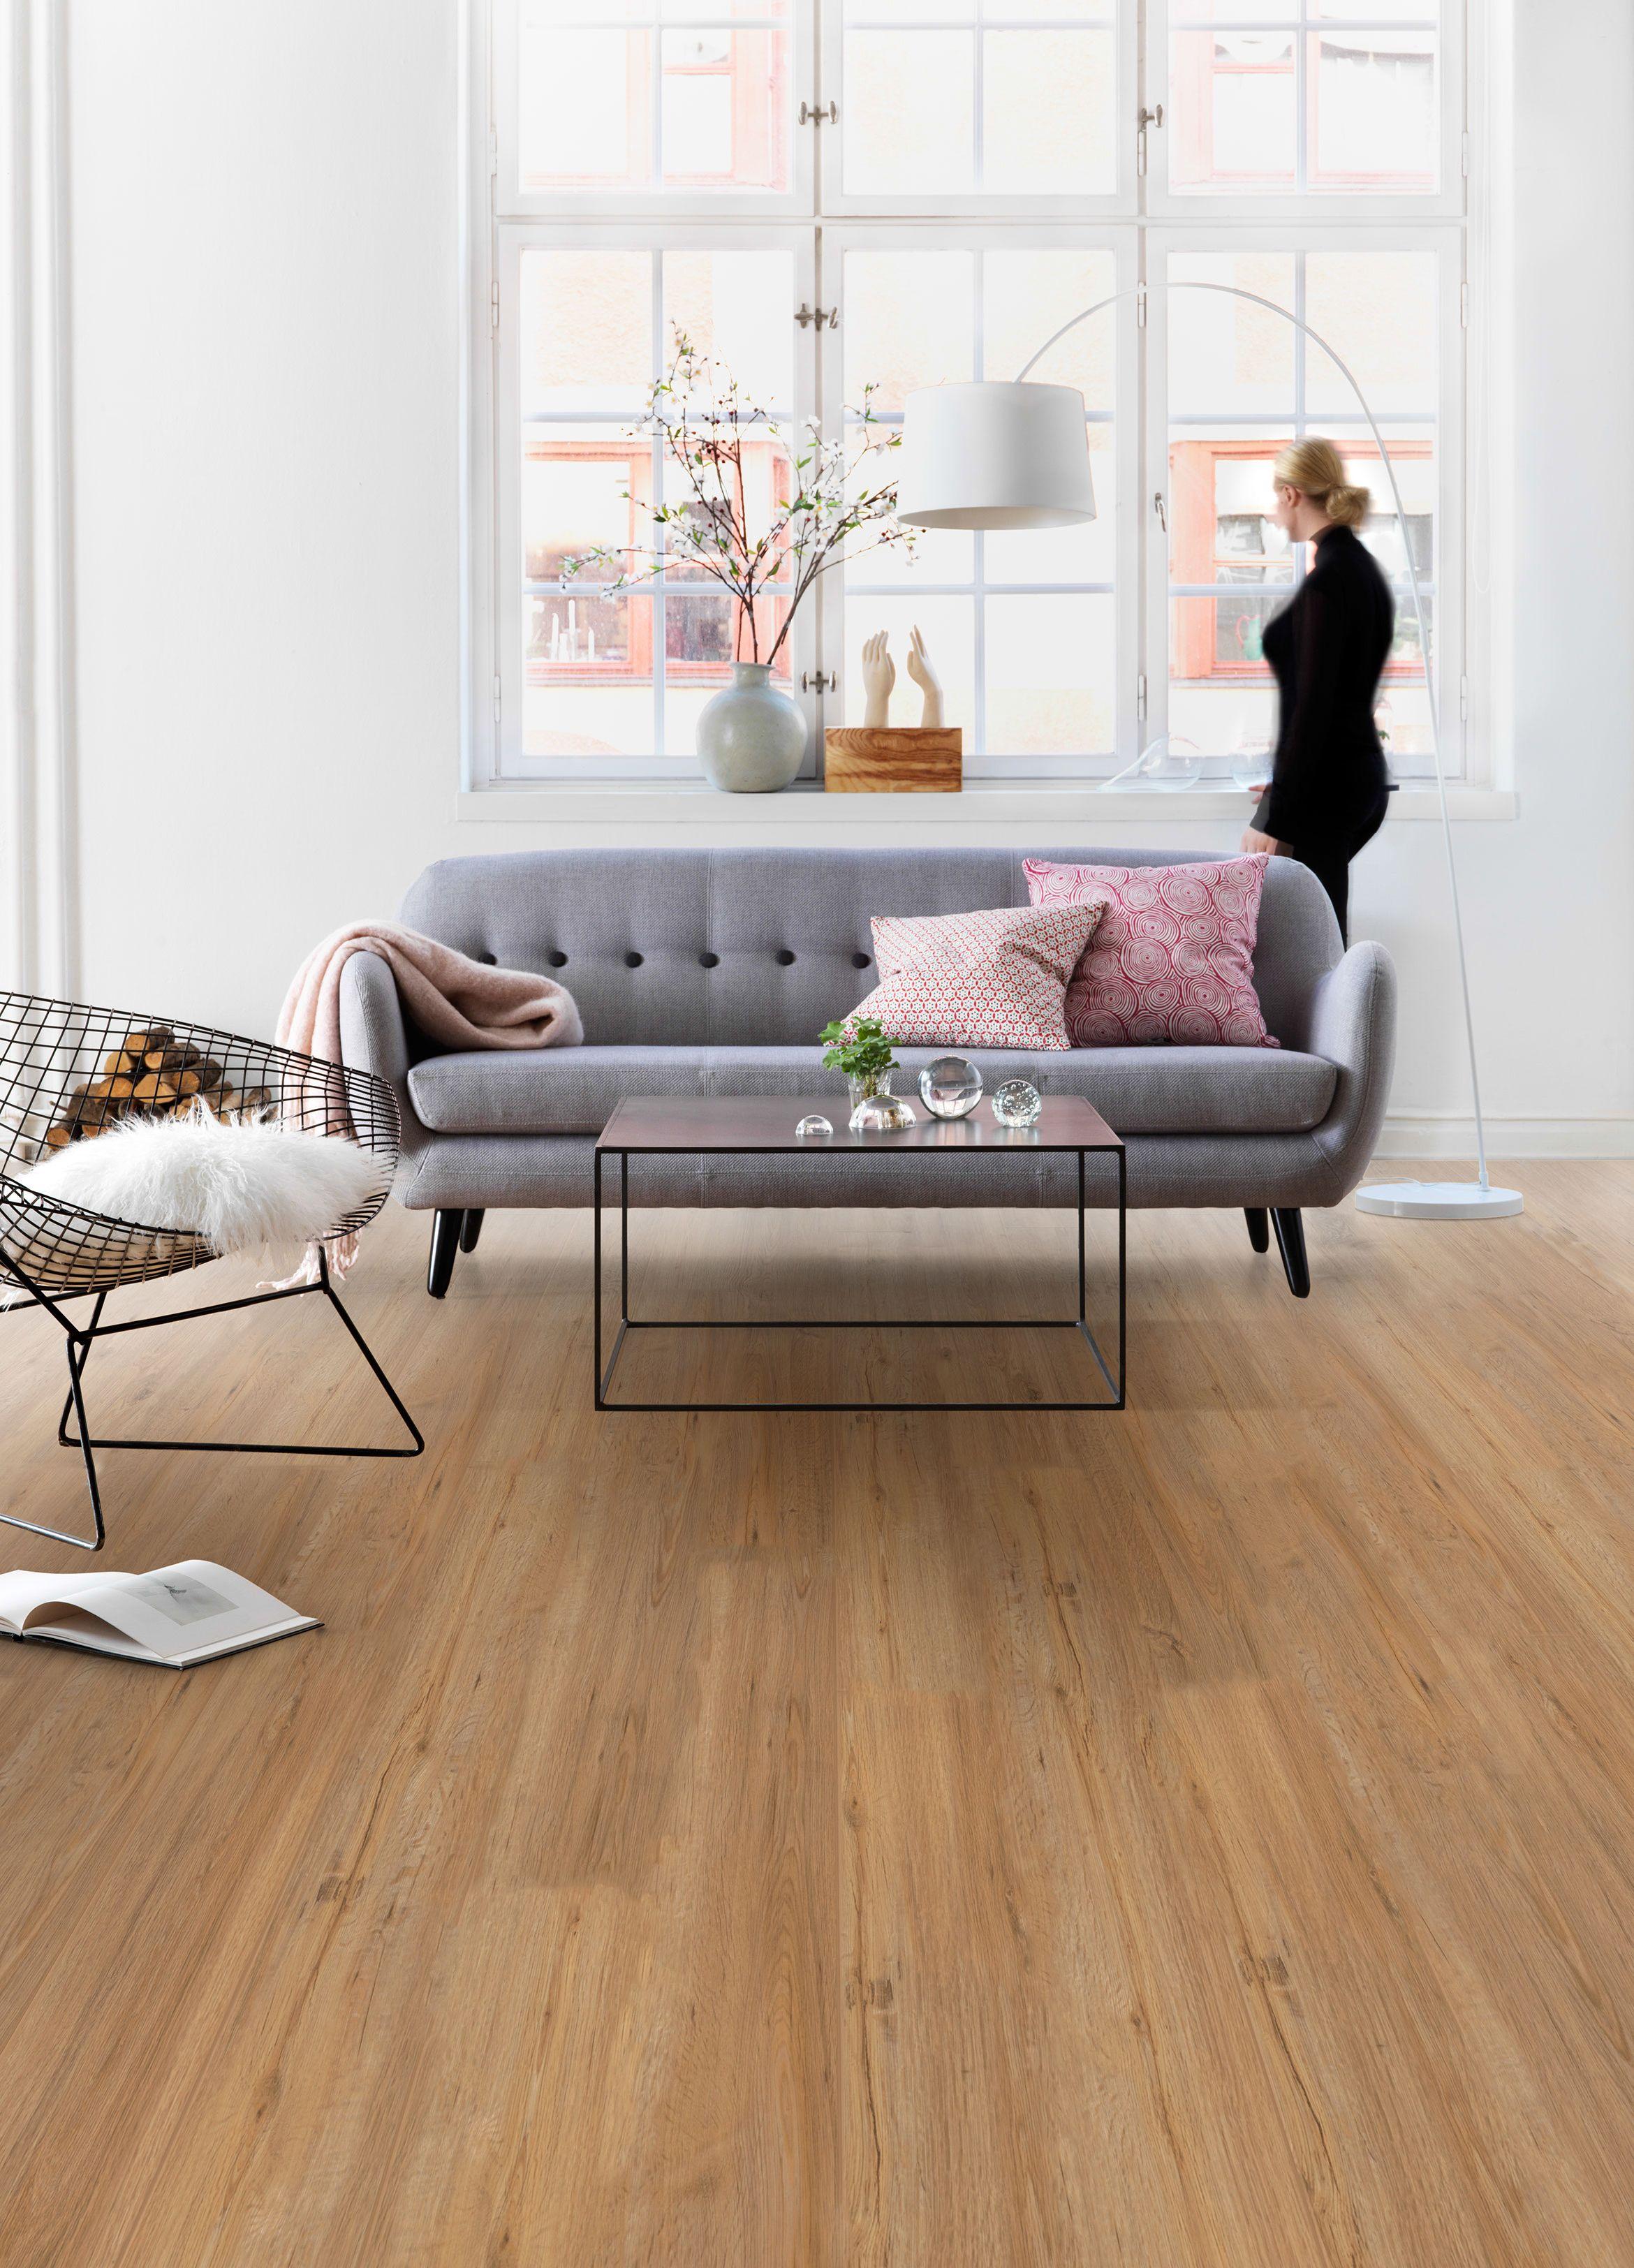 Natural oak Pvc click laminaat. Pvc vloer met houtlook. Geschikt ...